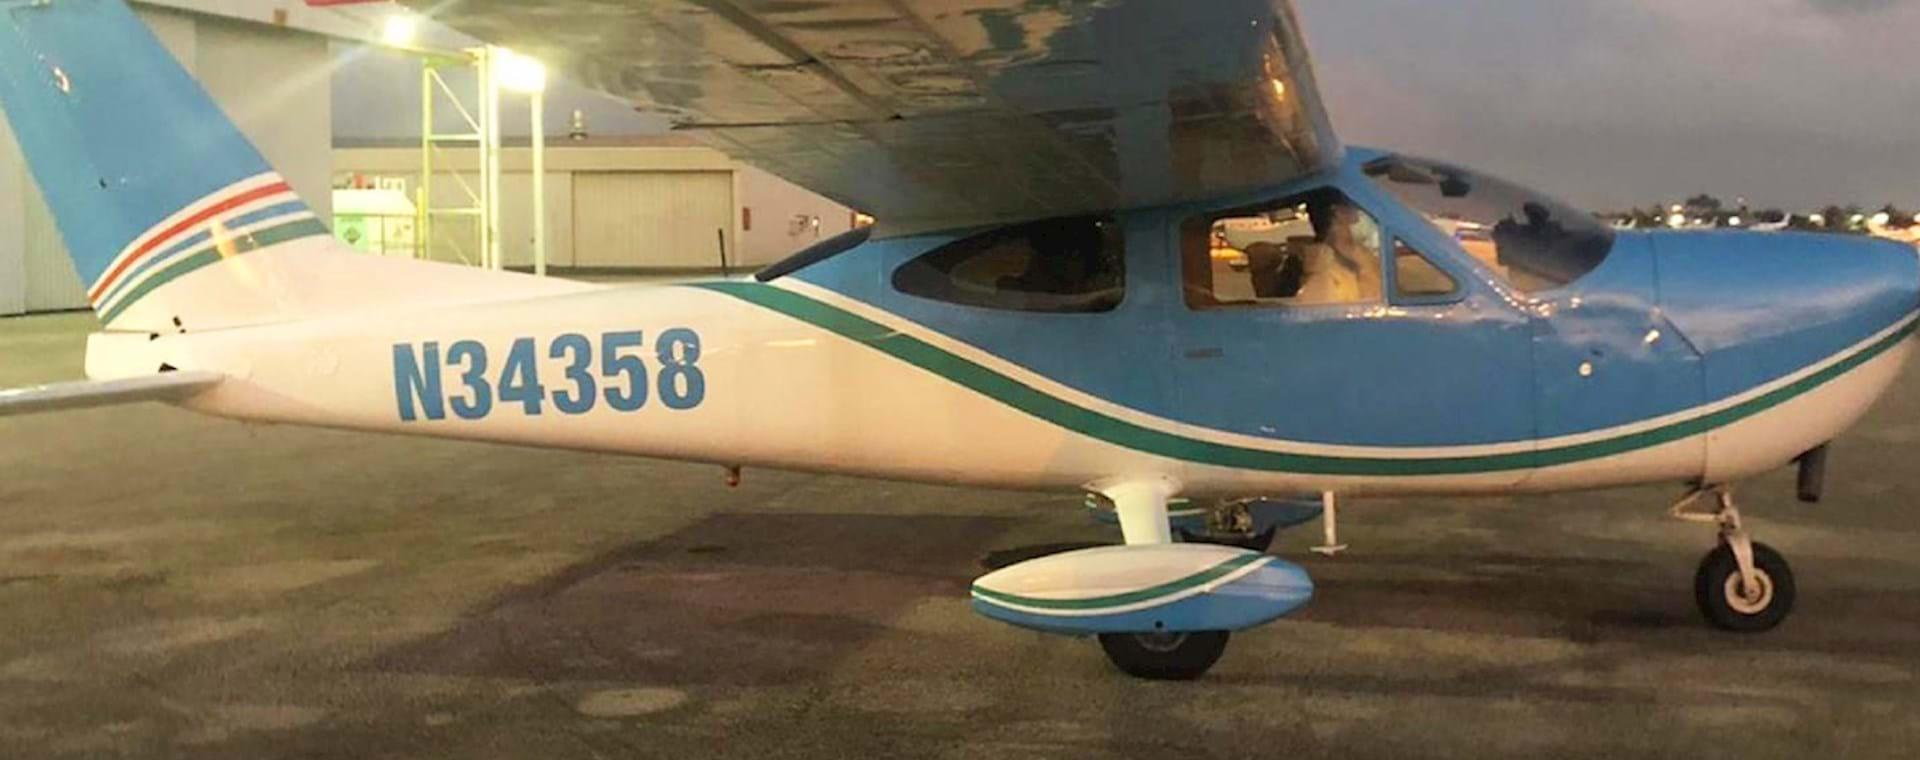 Magic tour plane